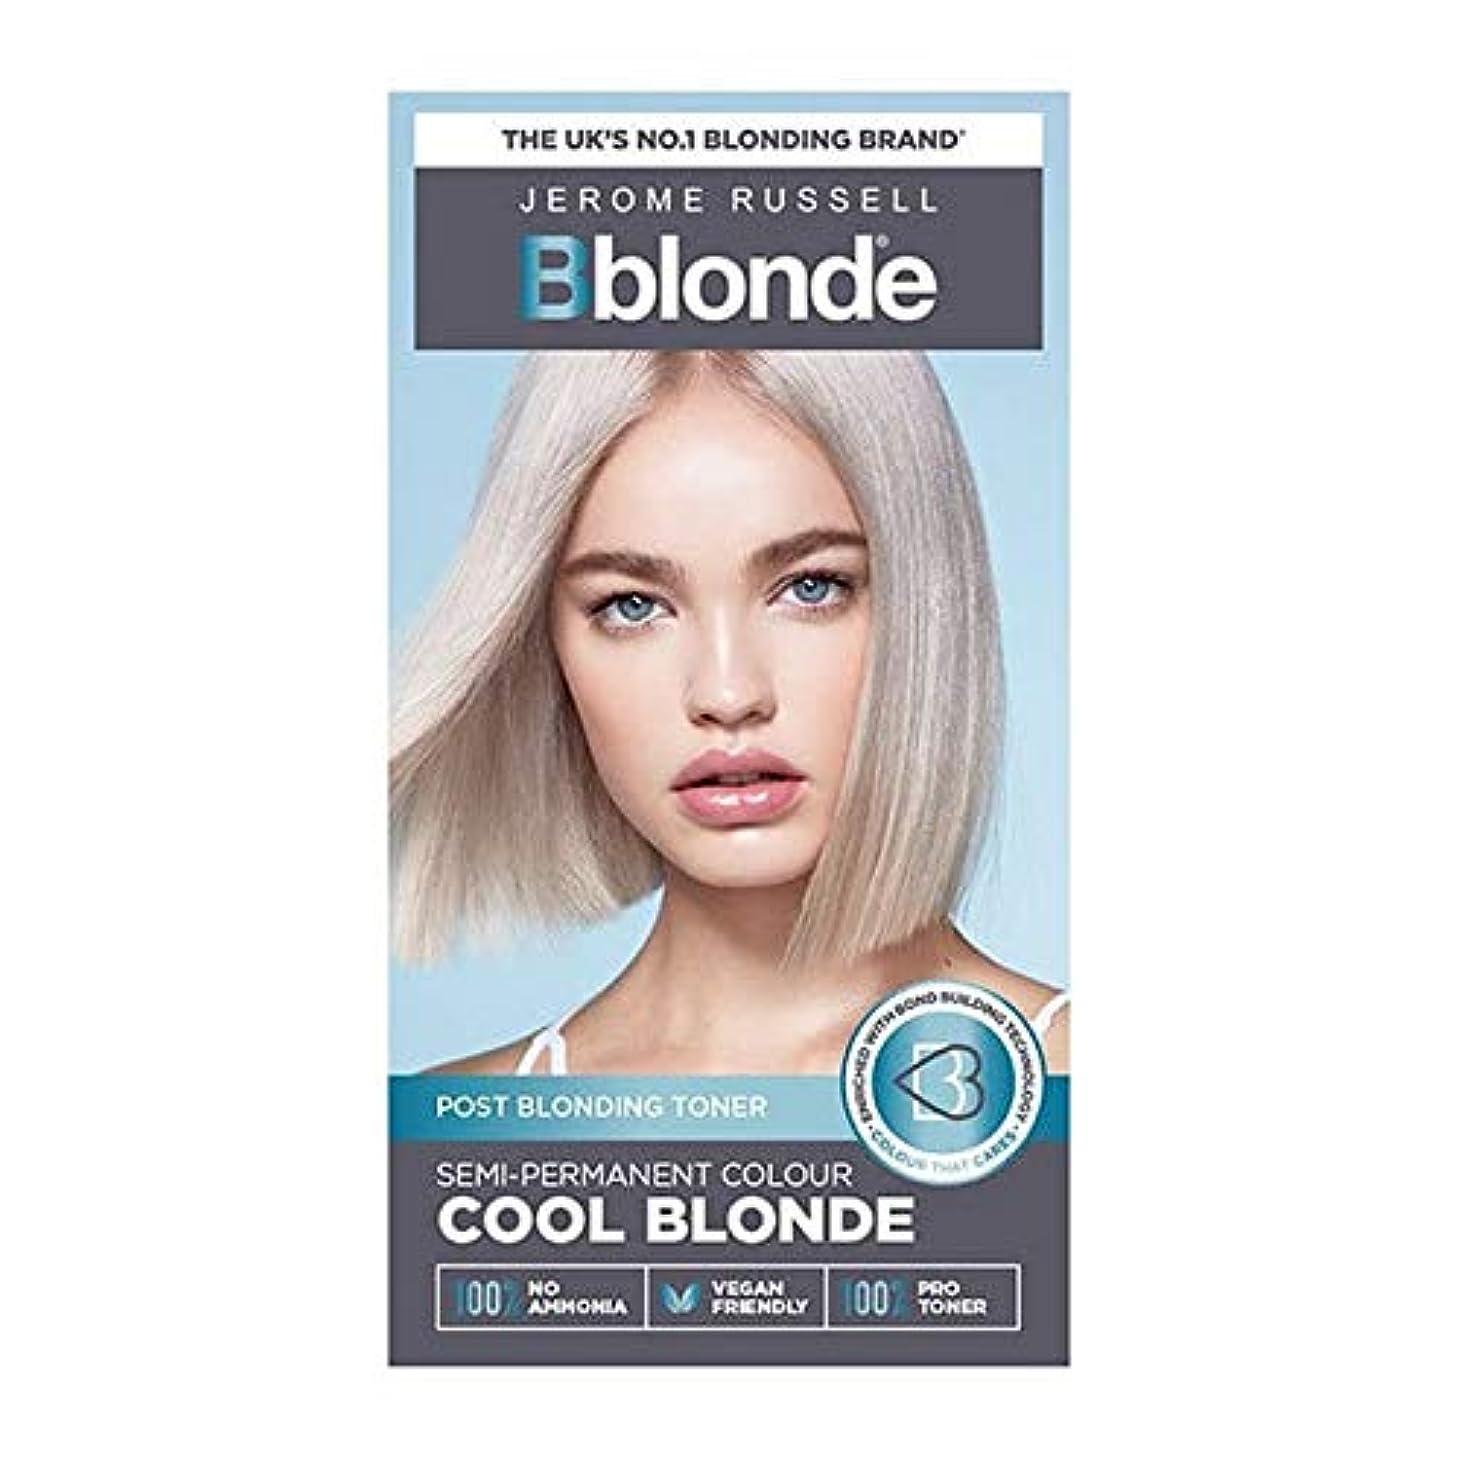 疾患法廷バリケード[Jerome Russell ] ジェロームラッセルBblonde半恒久的なトナークールなブロンド - Jerome Russell Bblonde Semi Permanent Toner Cool Blonde [並行輸入品]